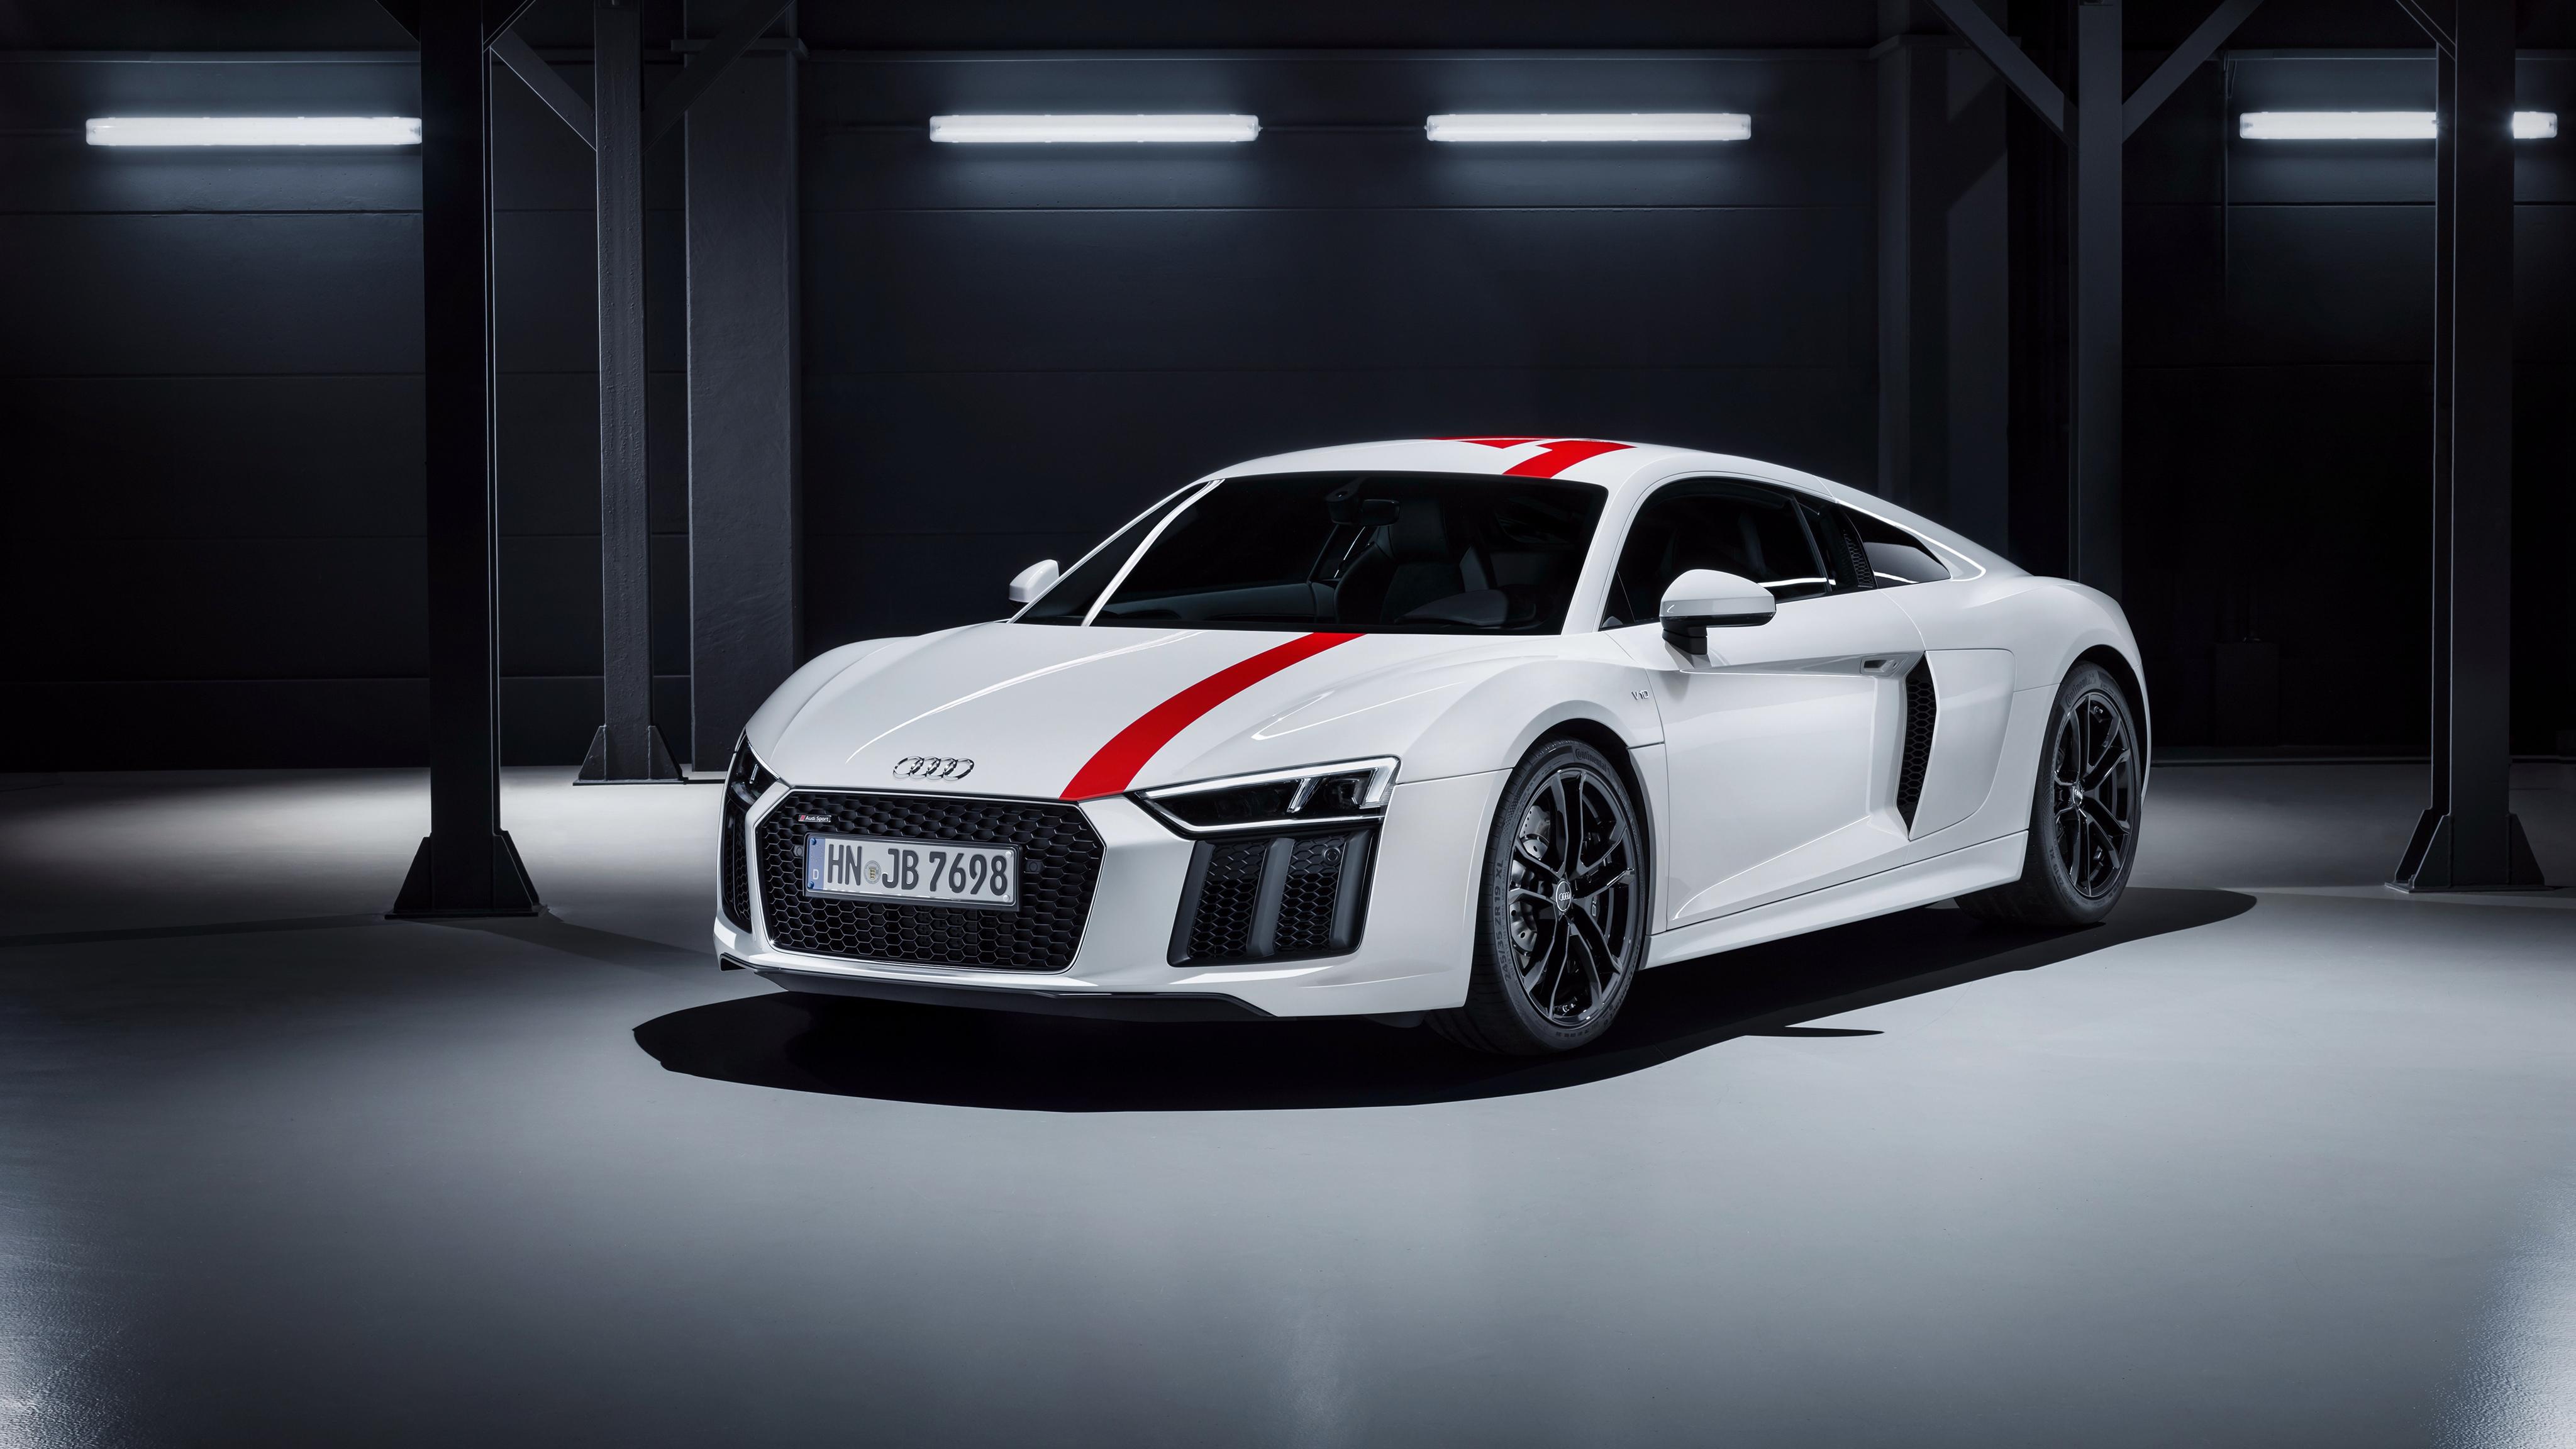 Audi R8 V10 RWS 2018 4K